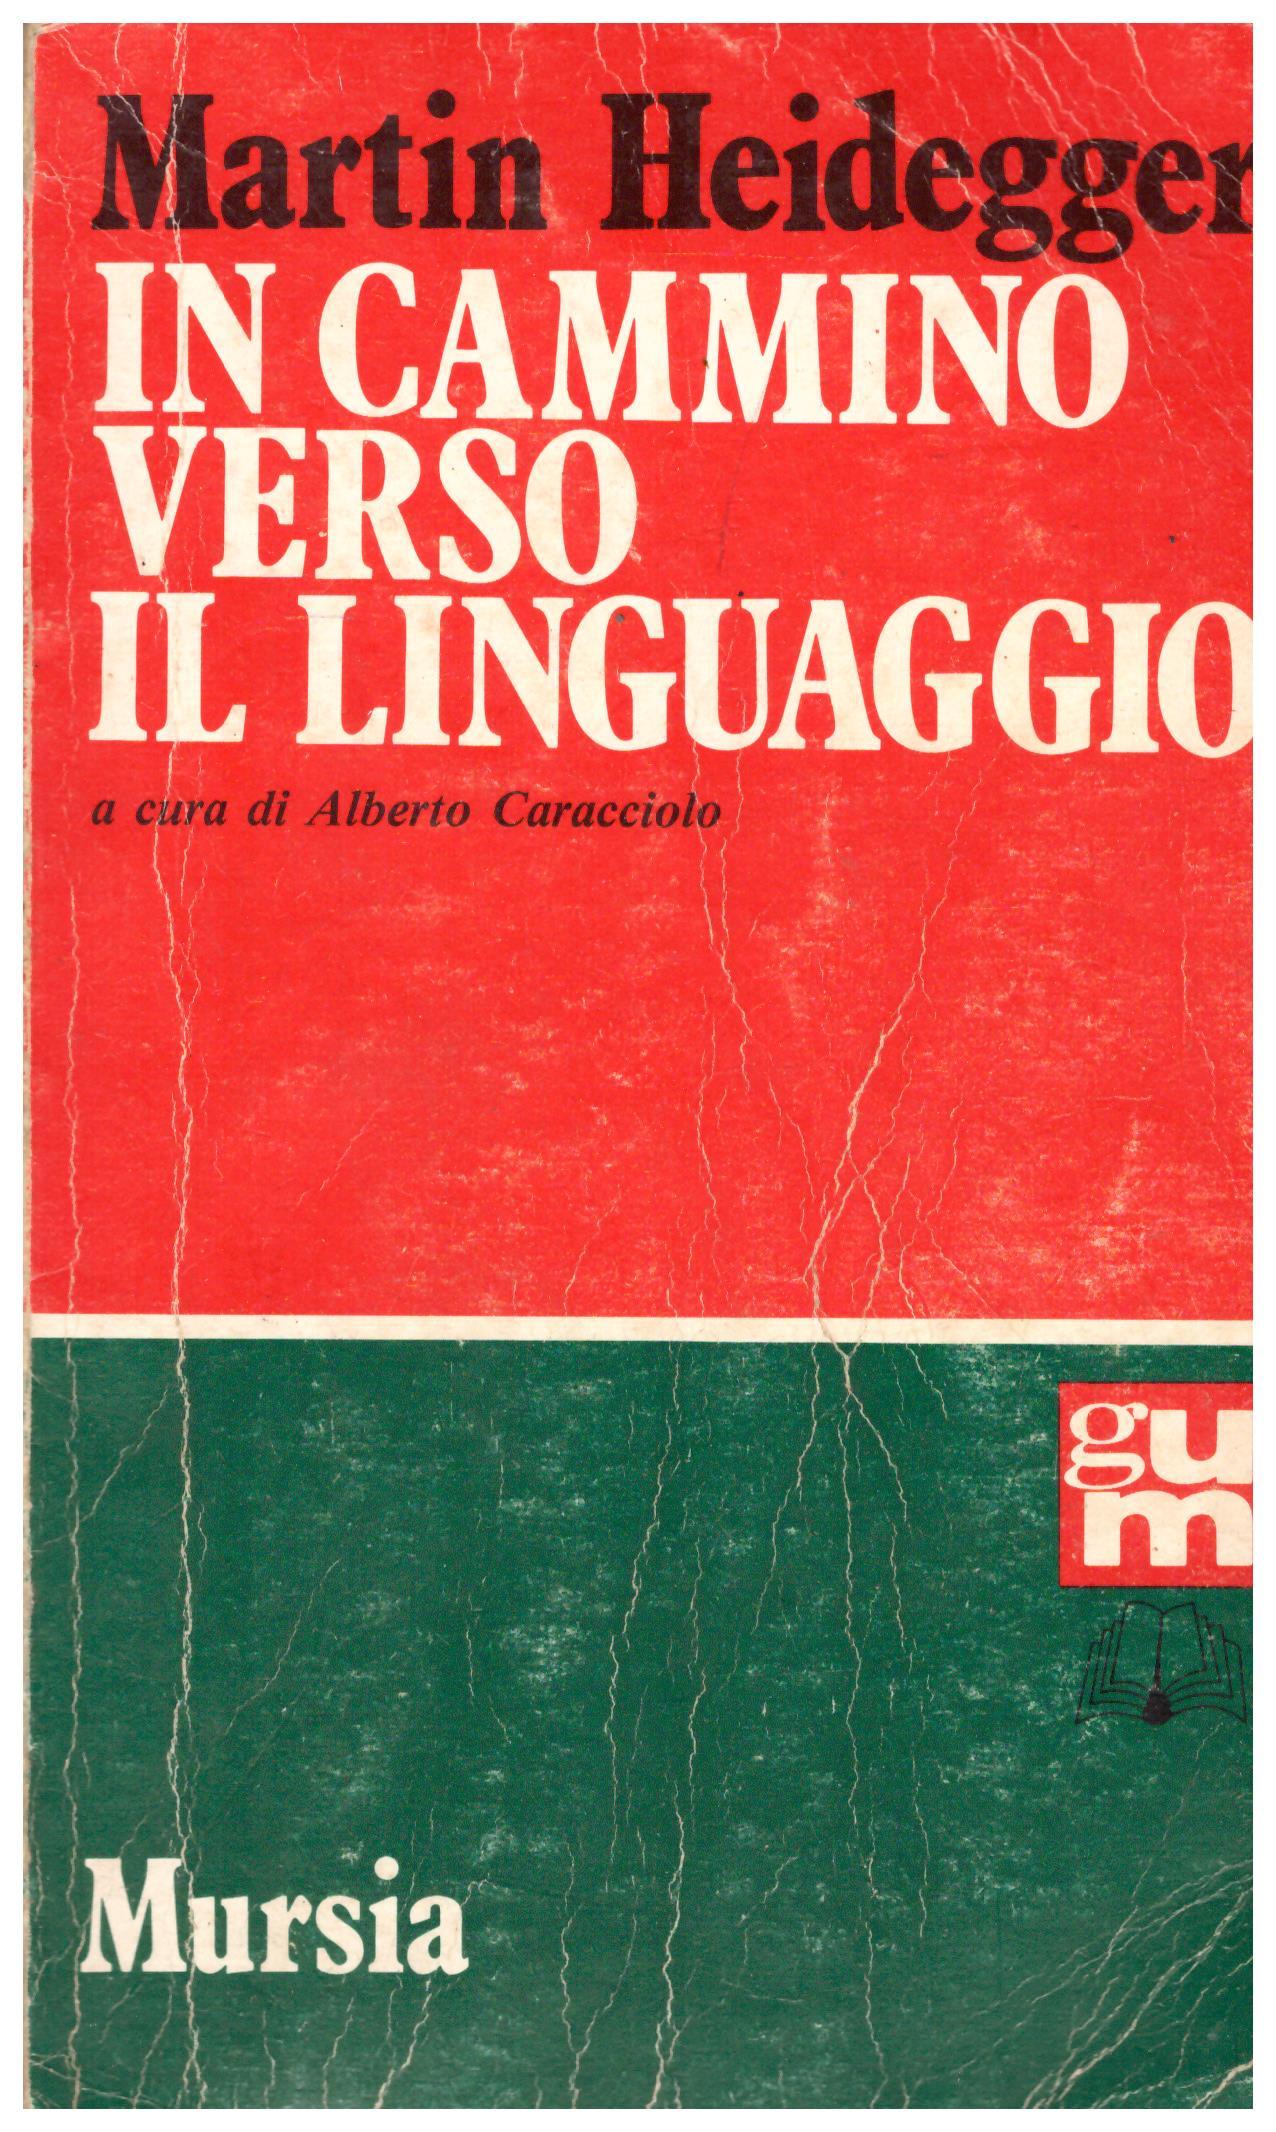 Titolo: In cammino verso il linguaggio Autore: martin Heidegger, traduzione di Alberto Caracciolo e Maria Caracciolo Perotti Editore: Mursia, 1990